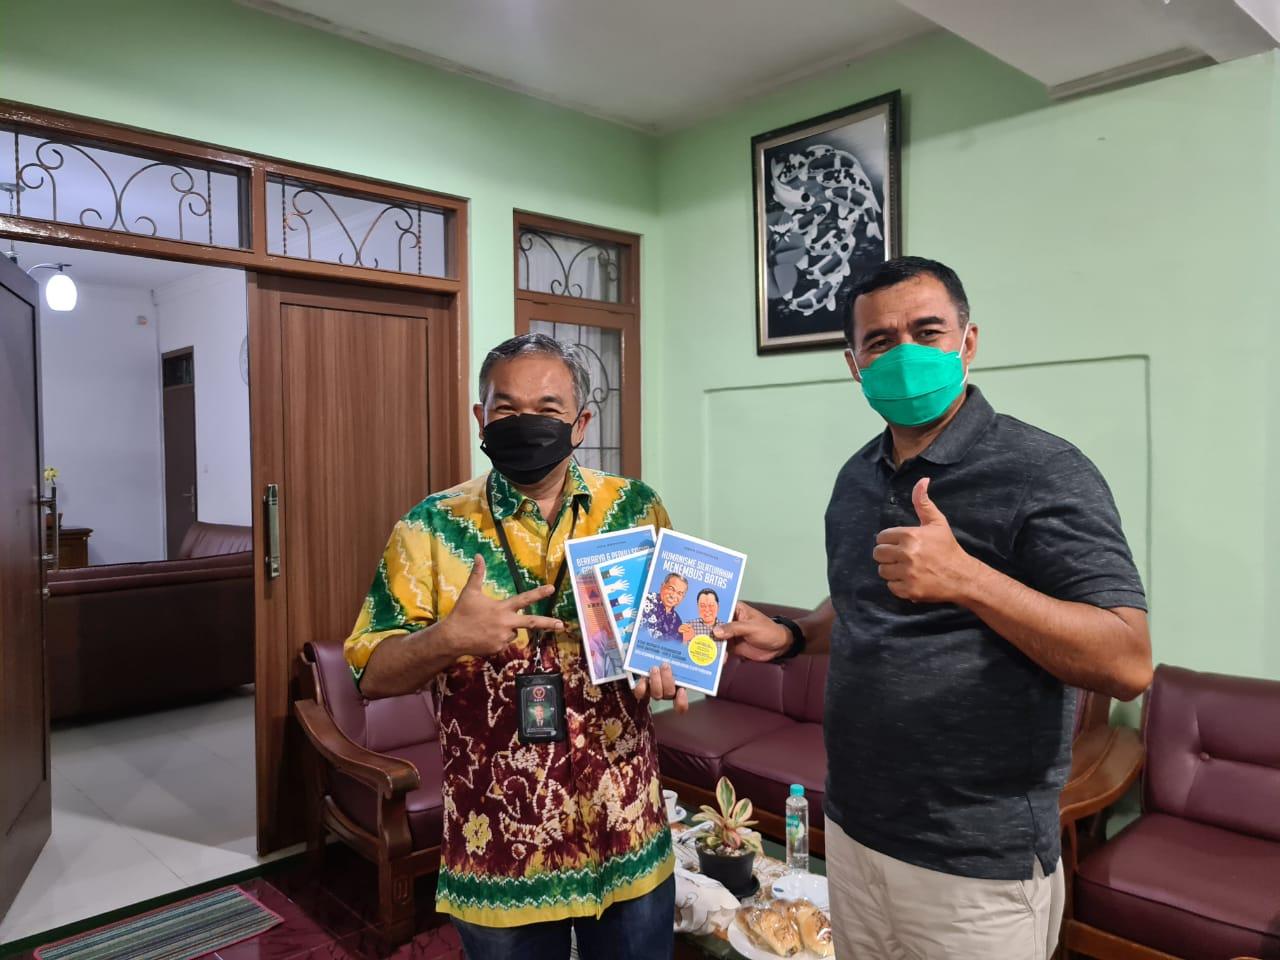 Pakar Komunikasi dan Motivator Nasional Dr Aqua Dwipayana memberikan buku trilogi karyanya kepada Komandan Sekolah Calon Perwira Angkatan Darat (Secapa AD) Bandung Mayjen TNI Ferry Zein. (Foto:Dok/Tugu Jatim)